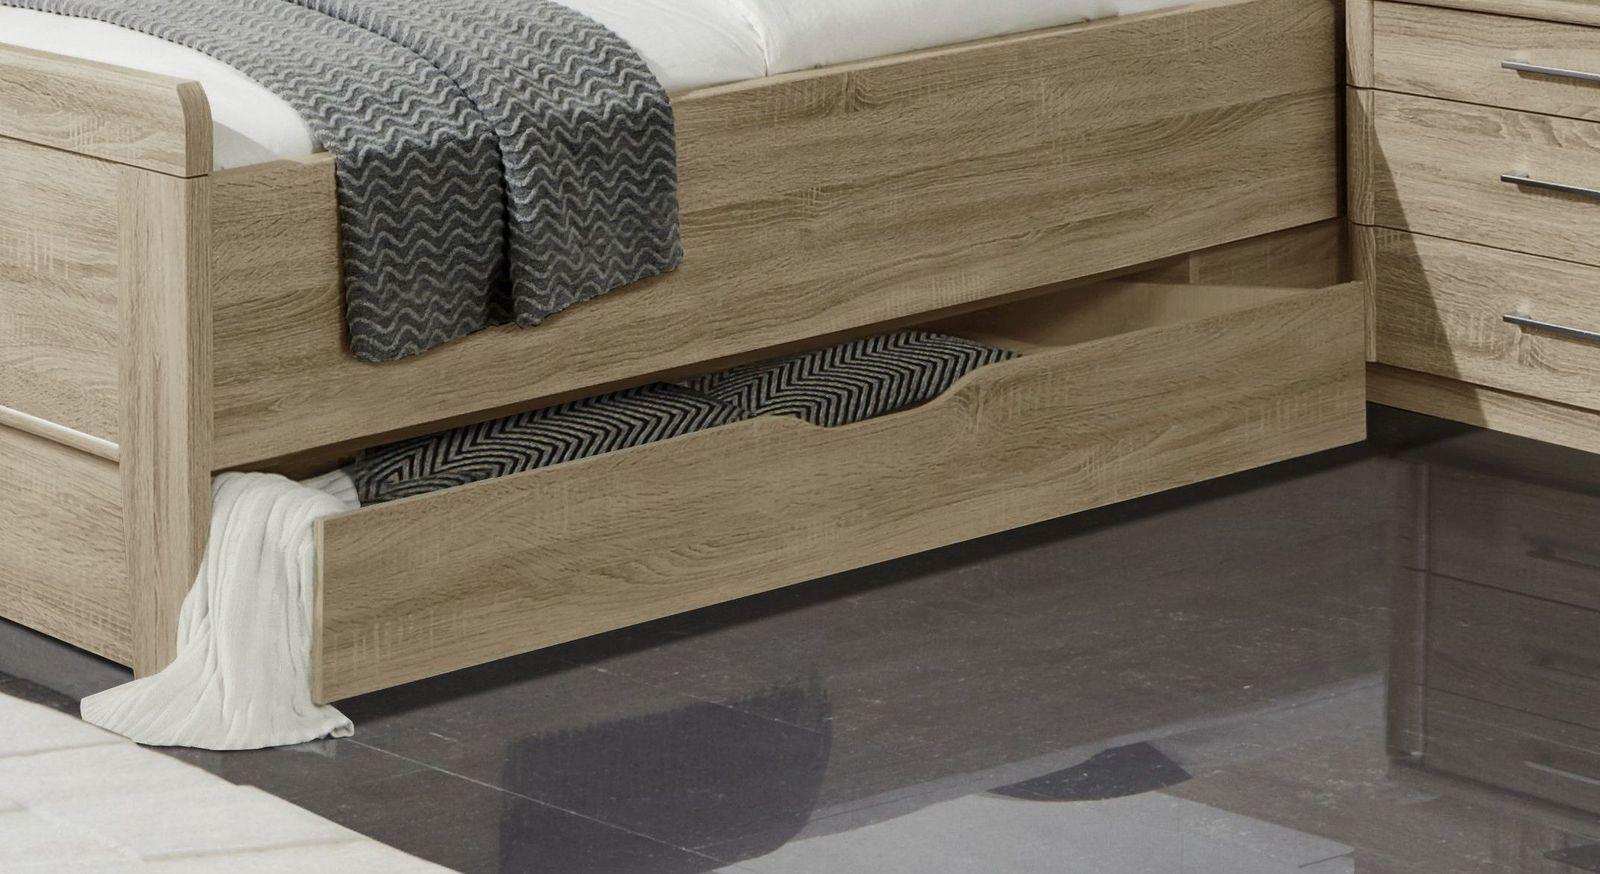 Senioren-Schubkastenbett Palmira mit praktischem Schubkasten